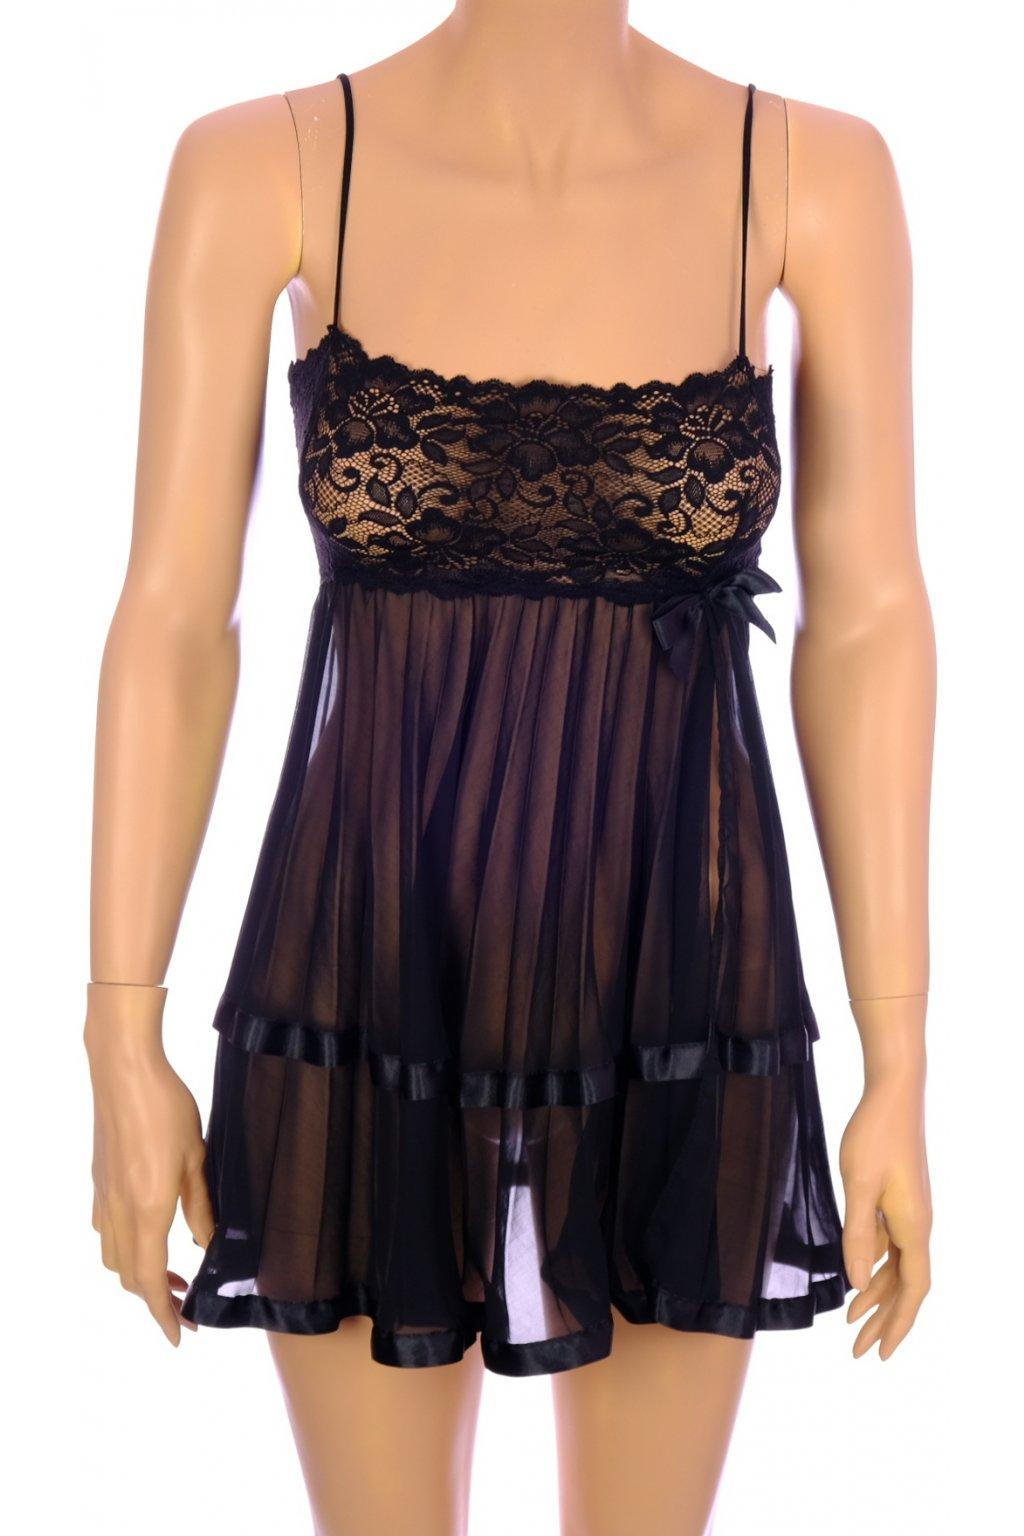 Pyžamo noční košilka Lingerie černá krajková  vel S